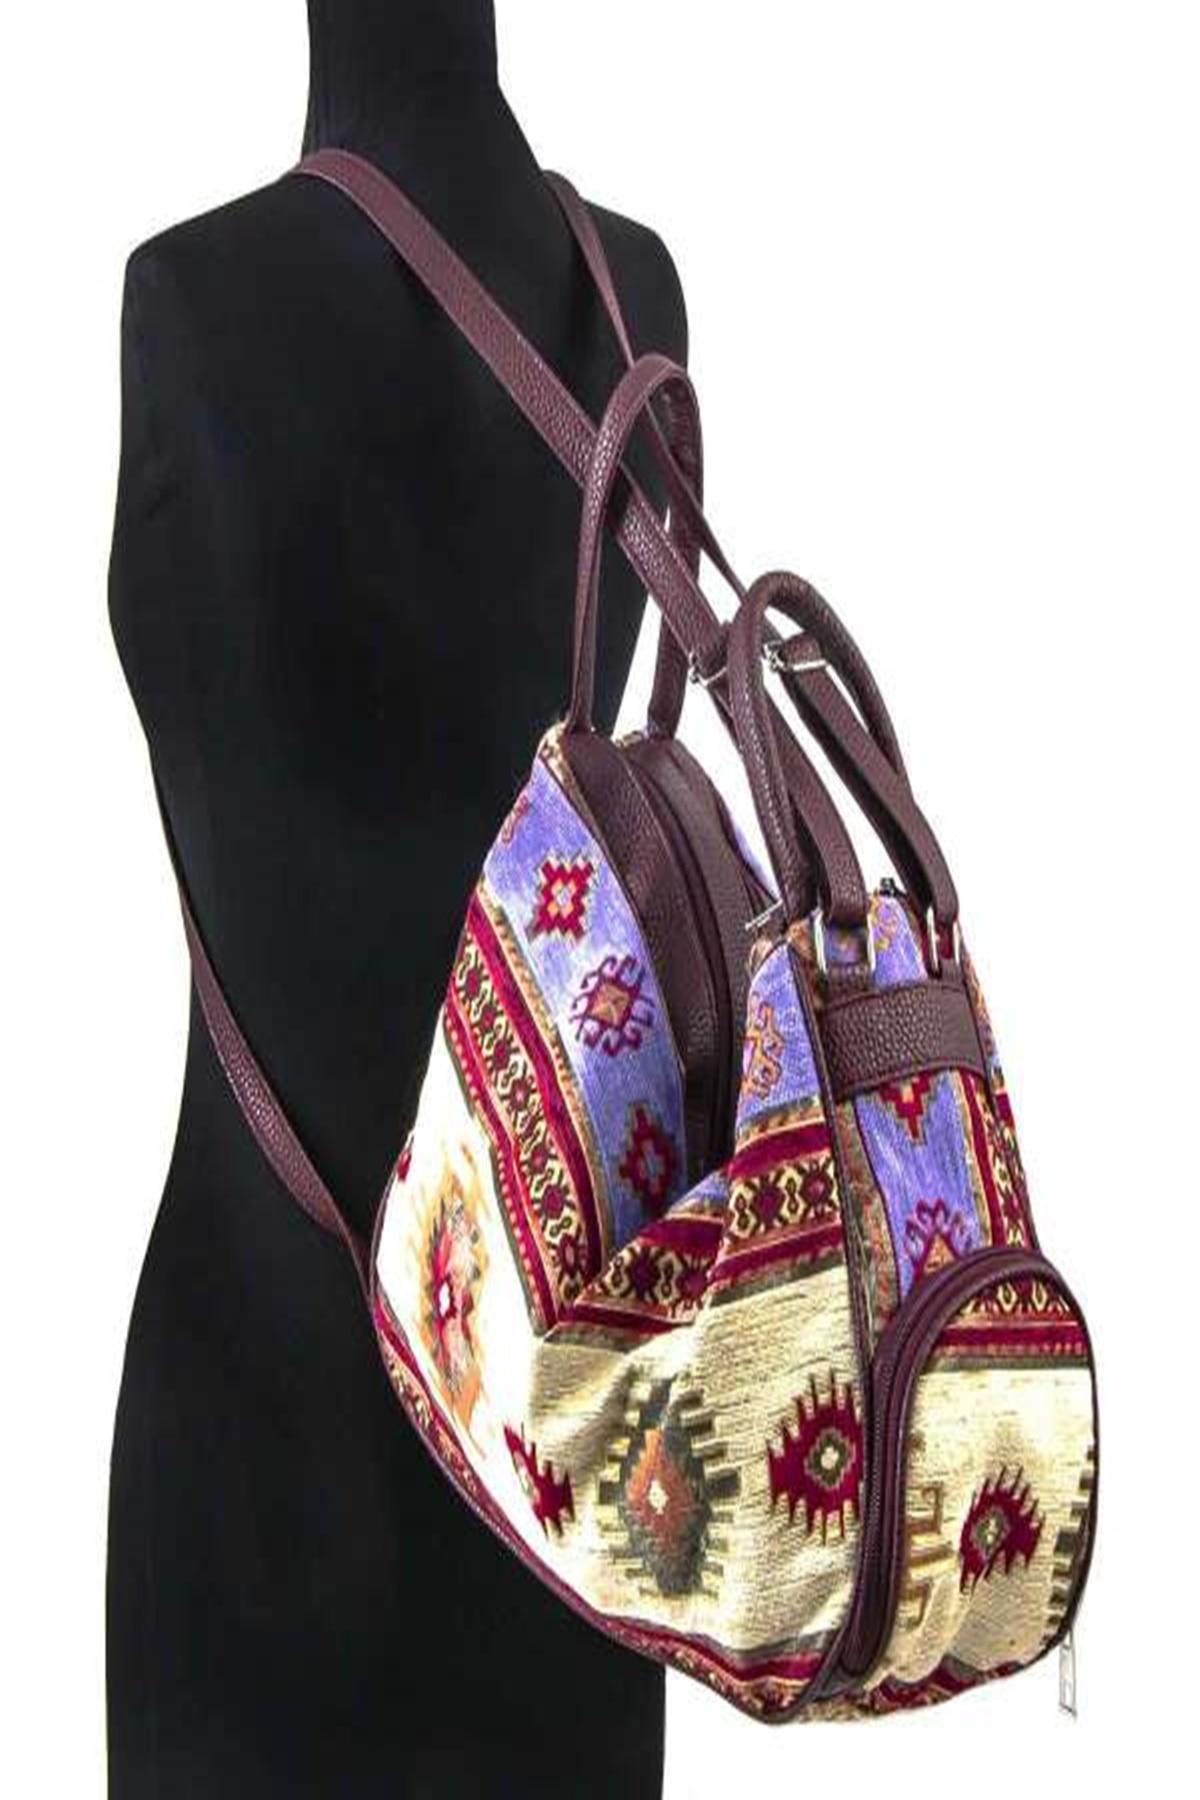 Женская дорожная сумка-женская сумка через плечо-женский рюкзак-Многофункциональный рюкзак и дорожная сумка, оригинальная сумка